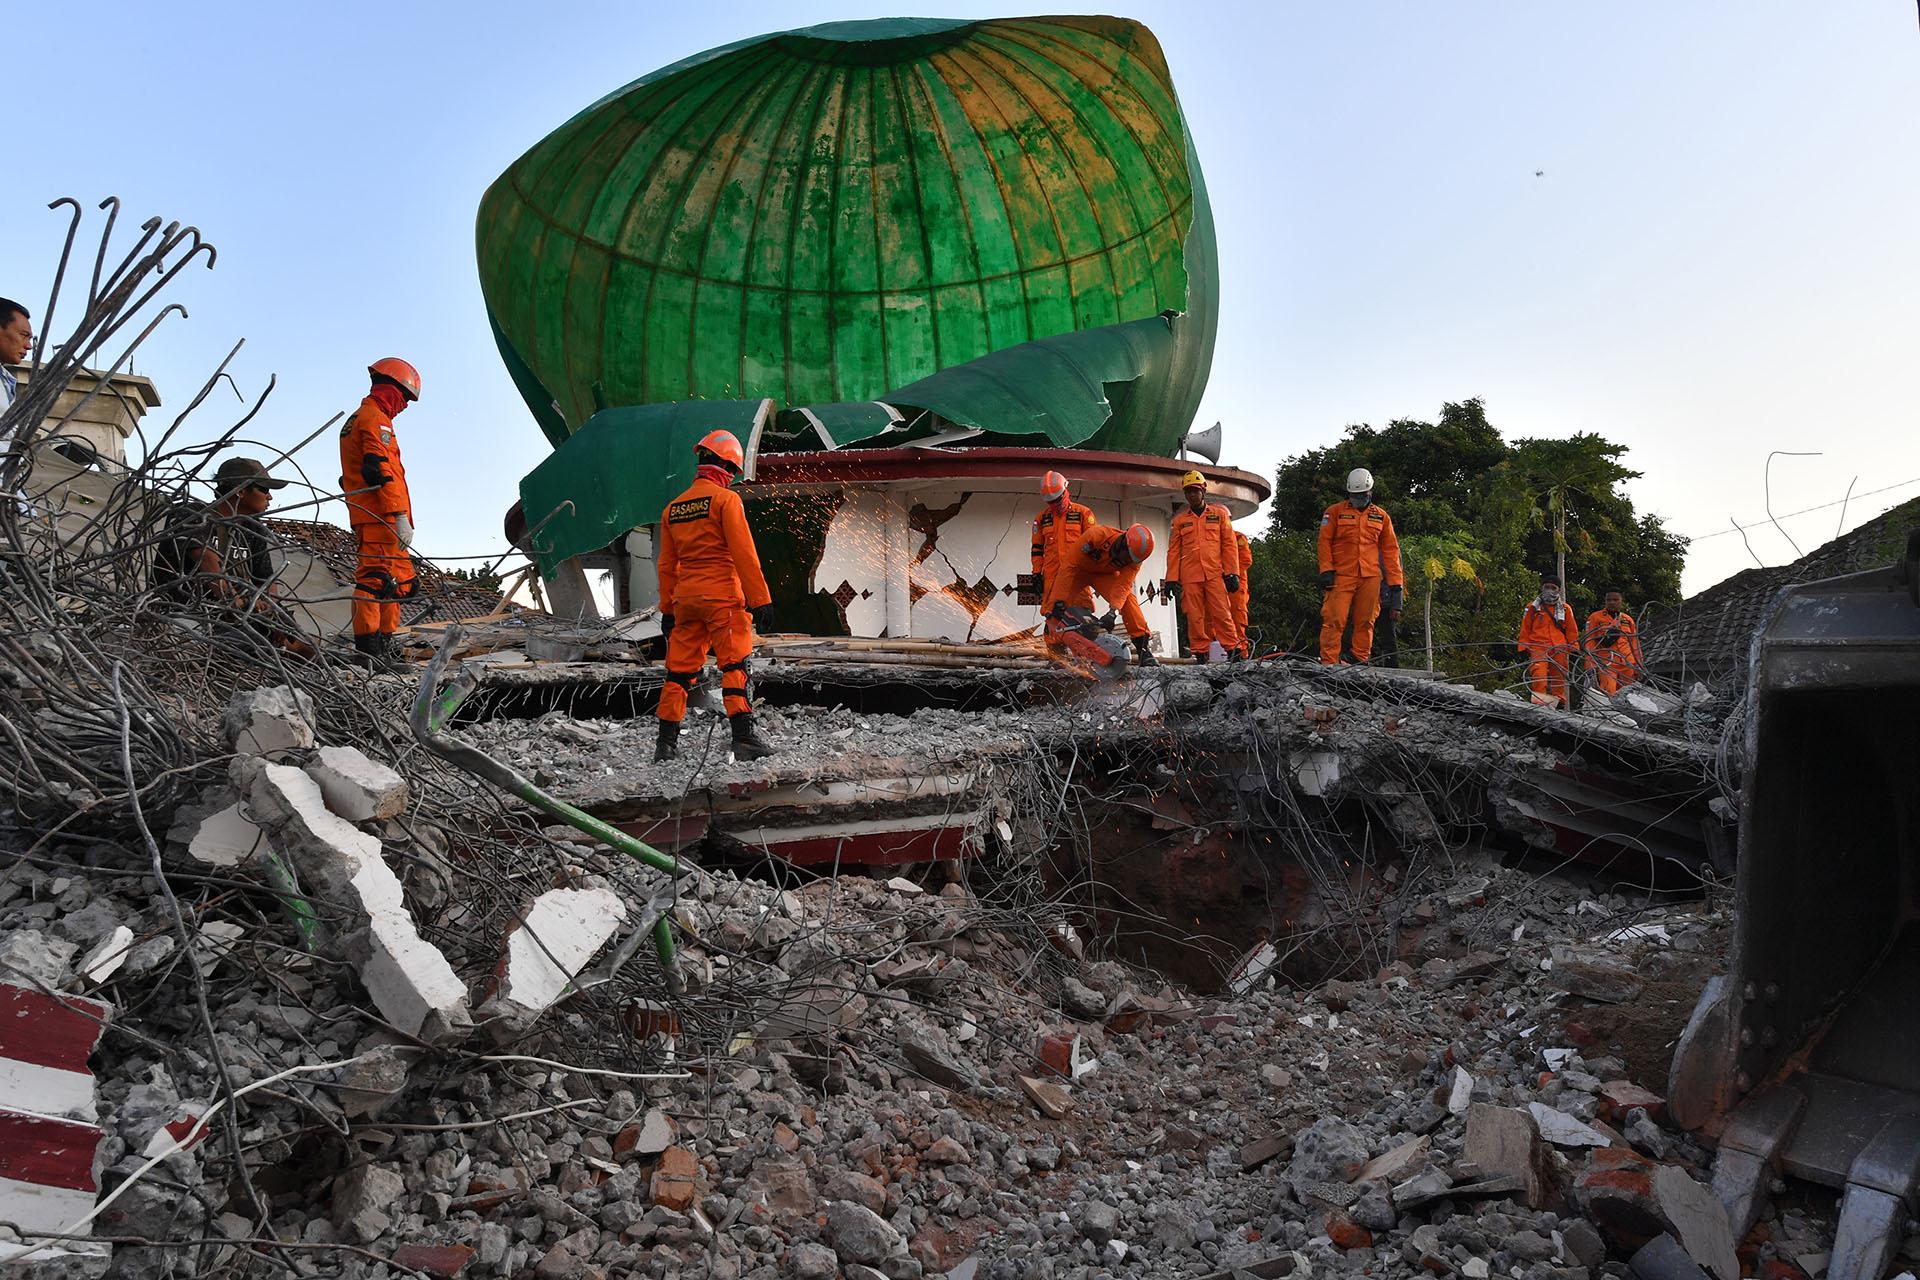 Un terremoto de magnitud 6,9 en la isla de Lombok (Indonesia) el 5 de agosto causa al menos 557 muertos. Hubo que desplazar a casi 400.000 personas y evacuar a al menos 7.000 turistas de las islas Air, Meno y Trawangan